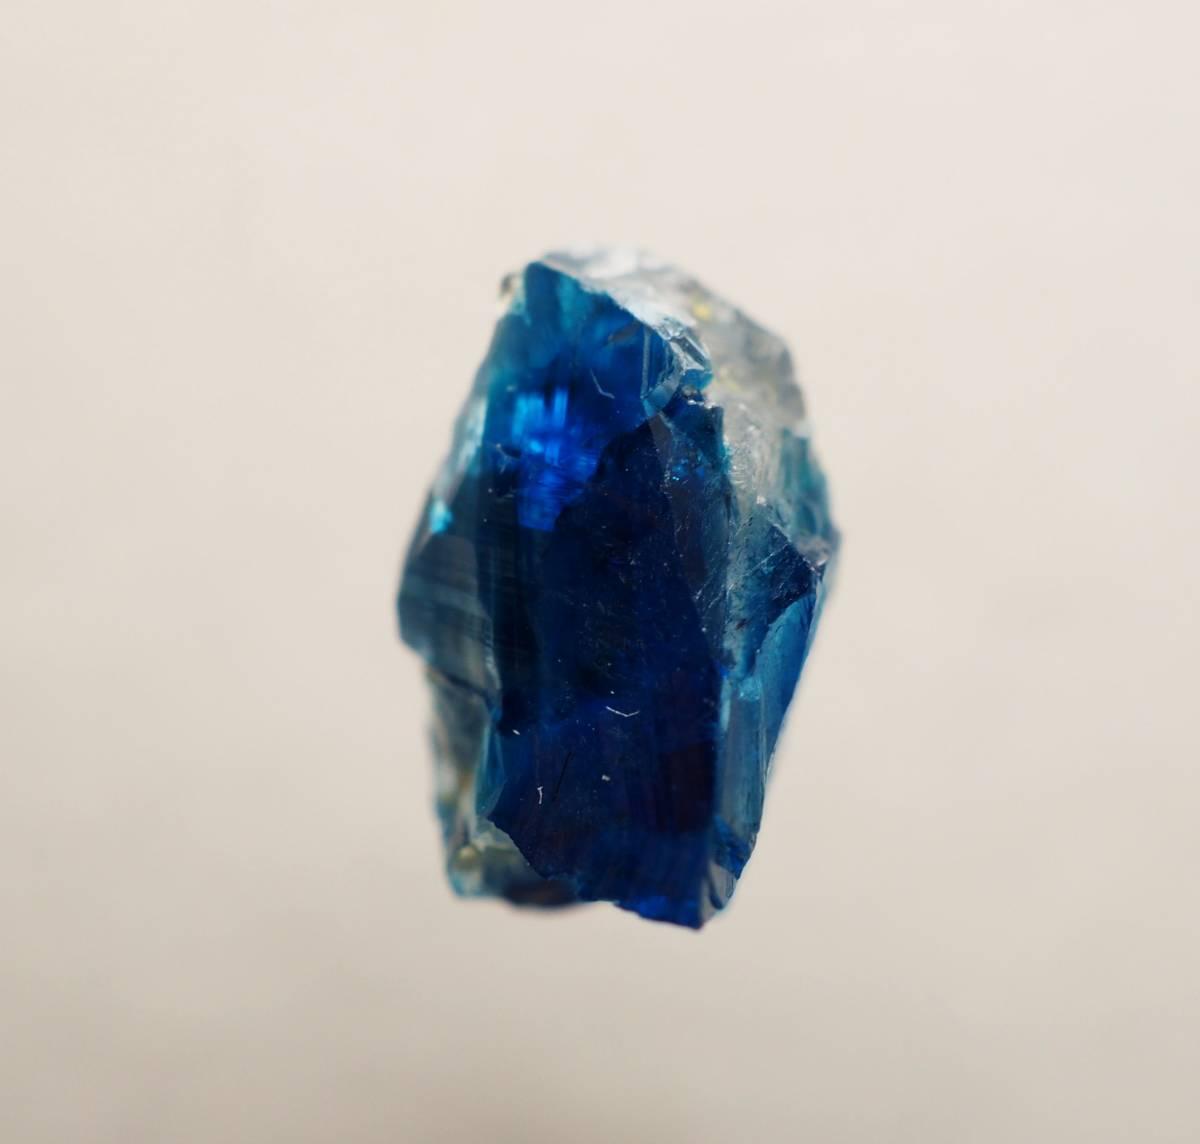 宝石質 ジンバブエ産 ユークレース ハイグレード 深く透明なブルーライン_画像9